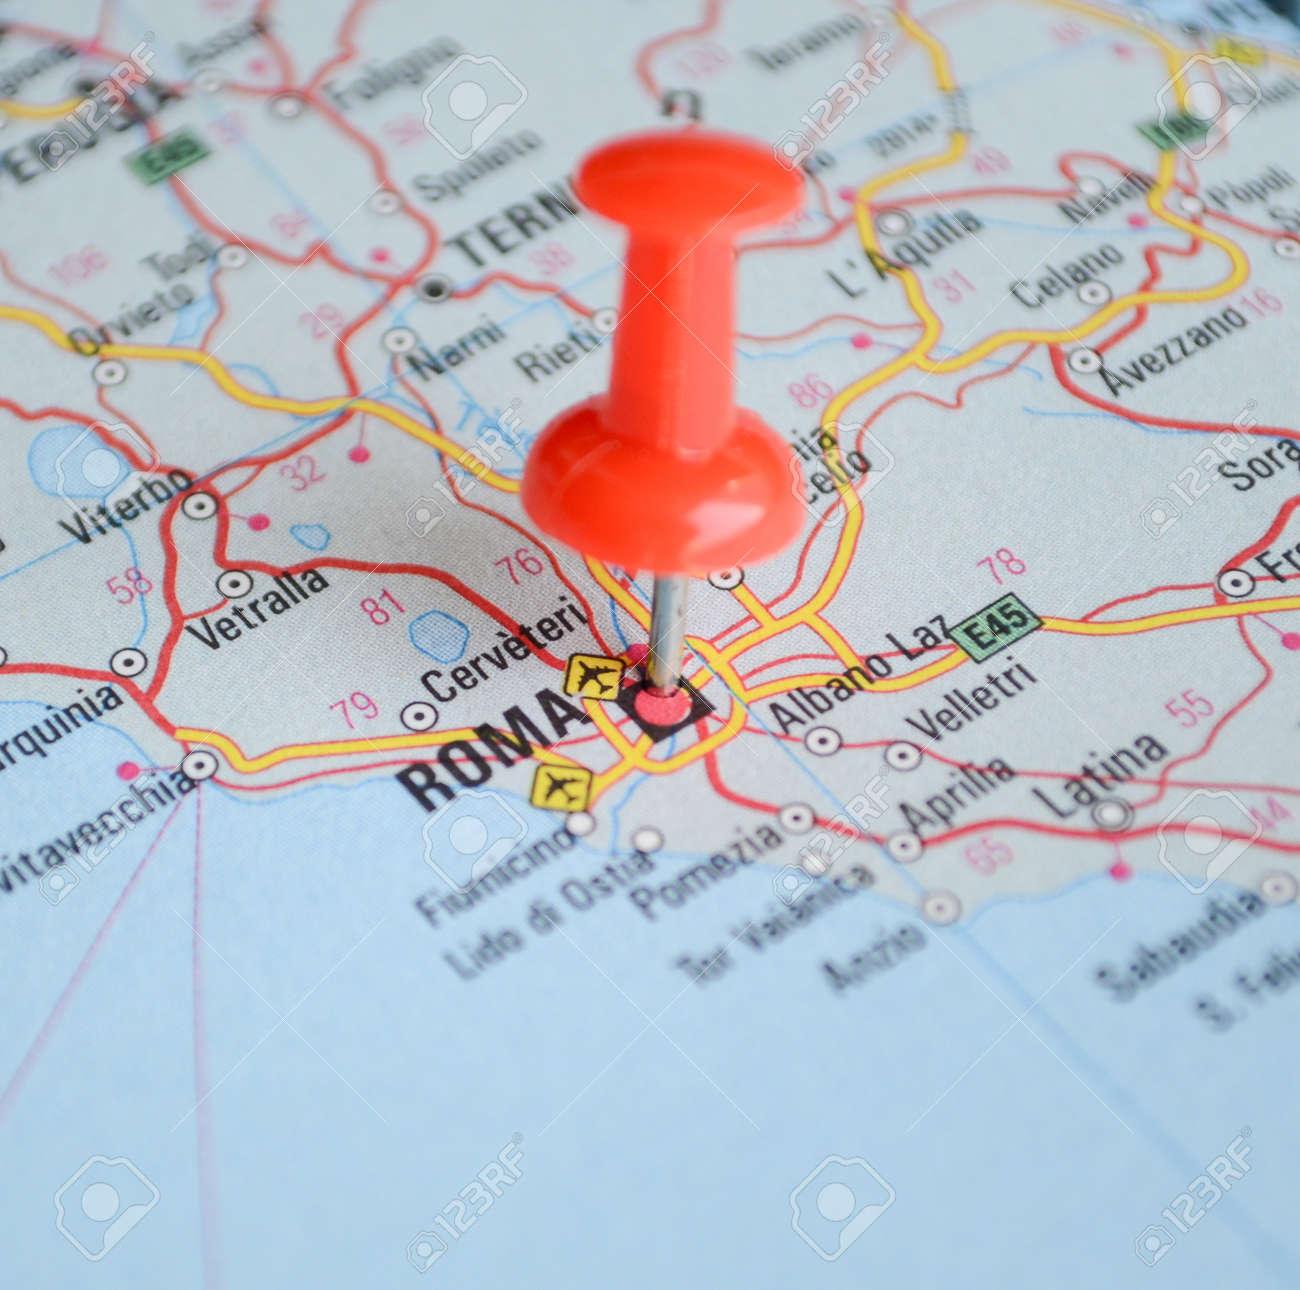 soldes nouveau produit meilleurs tissus Près de Rome carte avec la broche rouge - Voyage concept